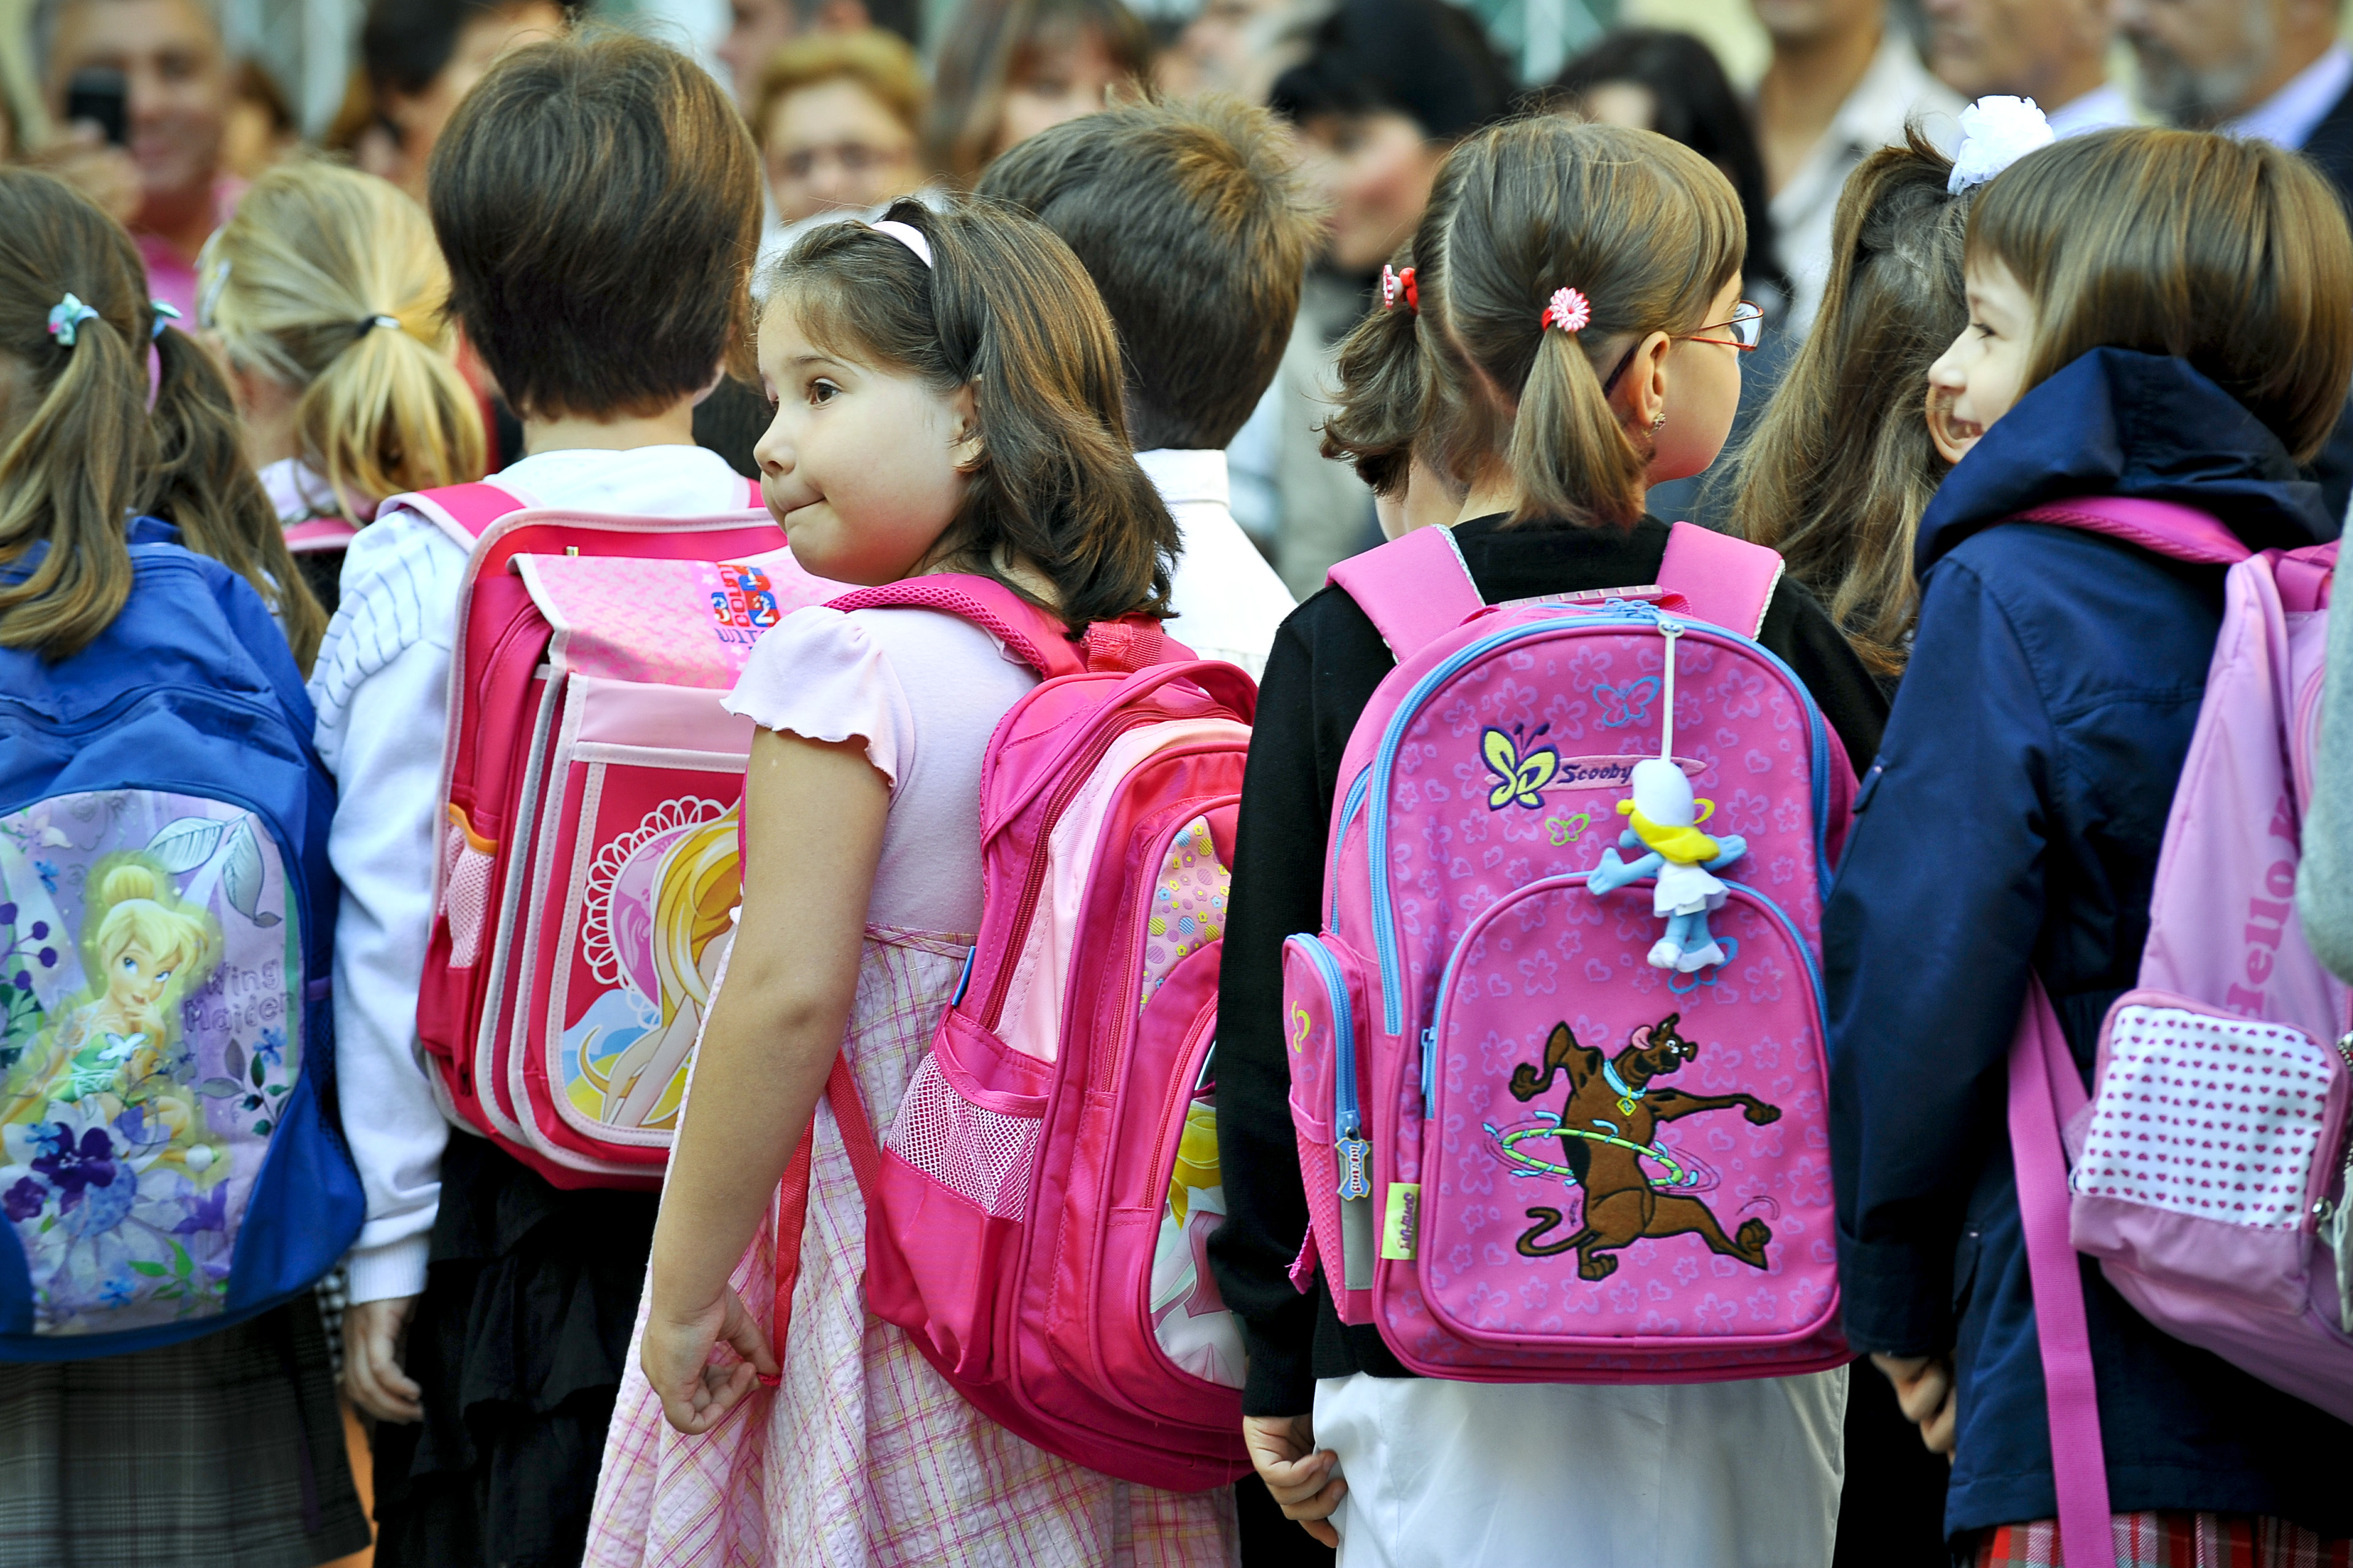 Liviu Pop: Elevul nu este obligat să vină cu manualul la şcoală, dar ministerul trebuie să i-l asigure / Greutatea ghiozdanului, dată de auxiliare şi caiete, cele neaprobate vor fi eliminate